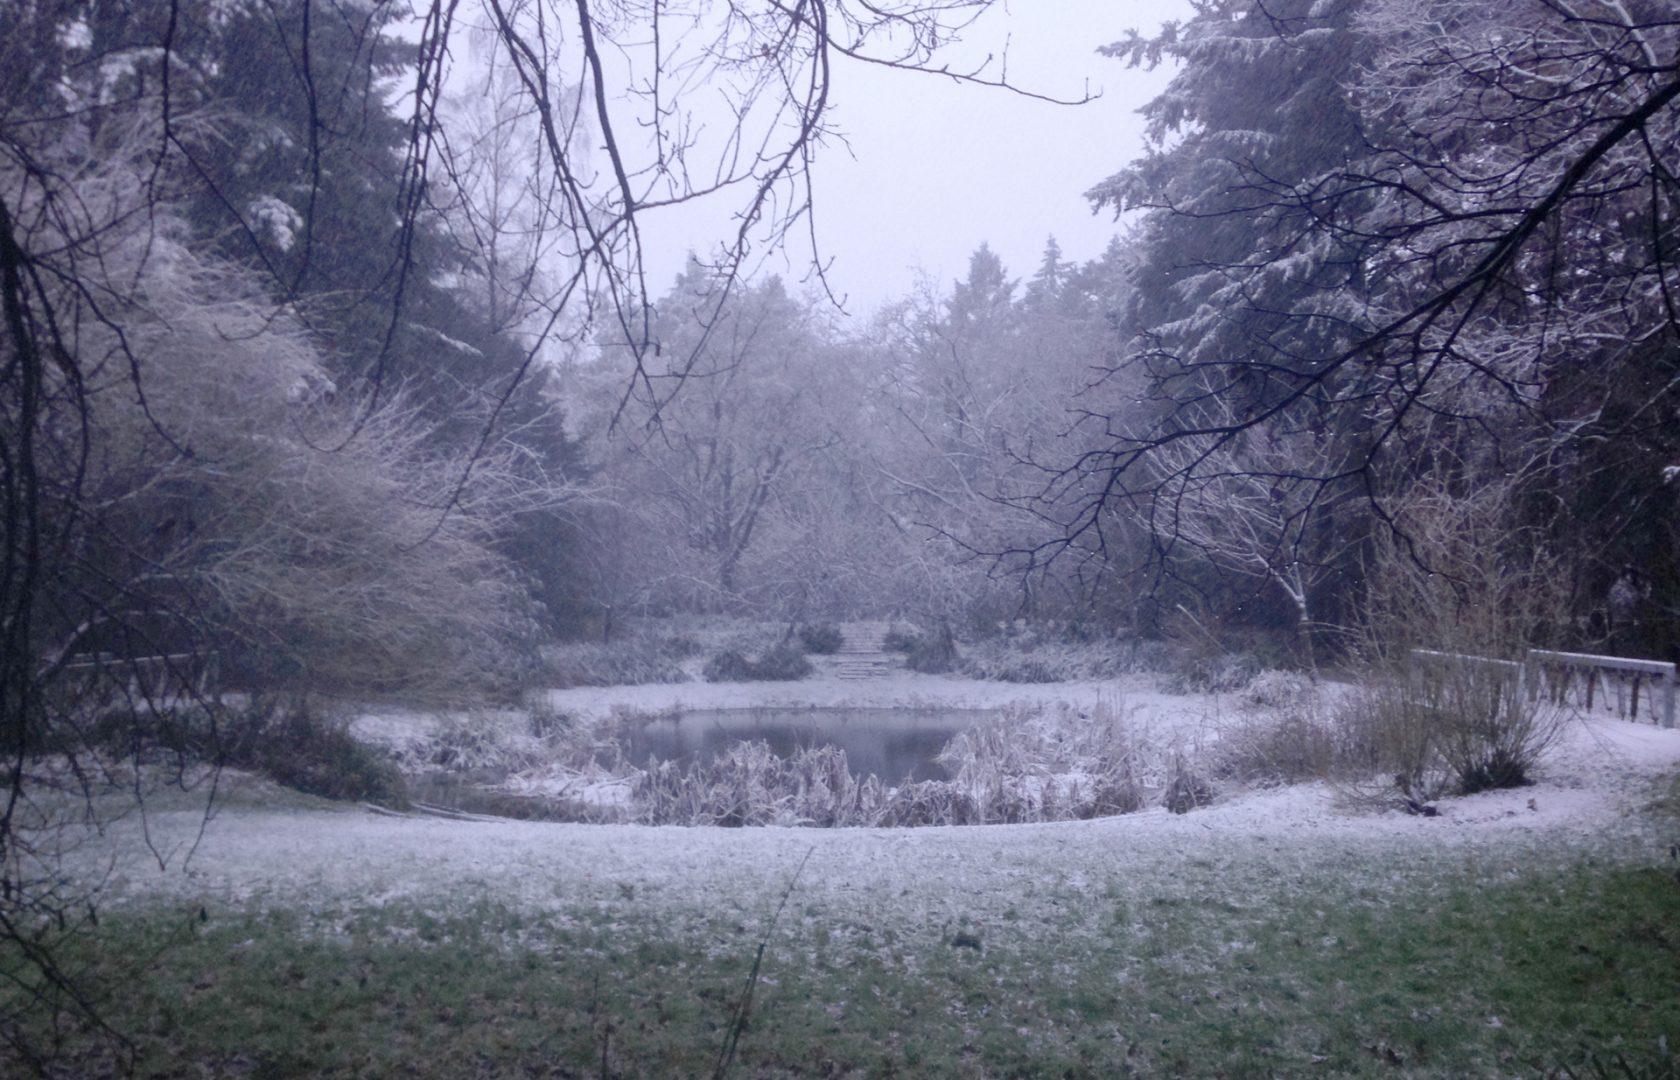 Winter: Gimbornhof (Juvenaatbos) in snow, Zevenaar The Netherlands